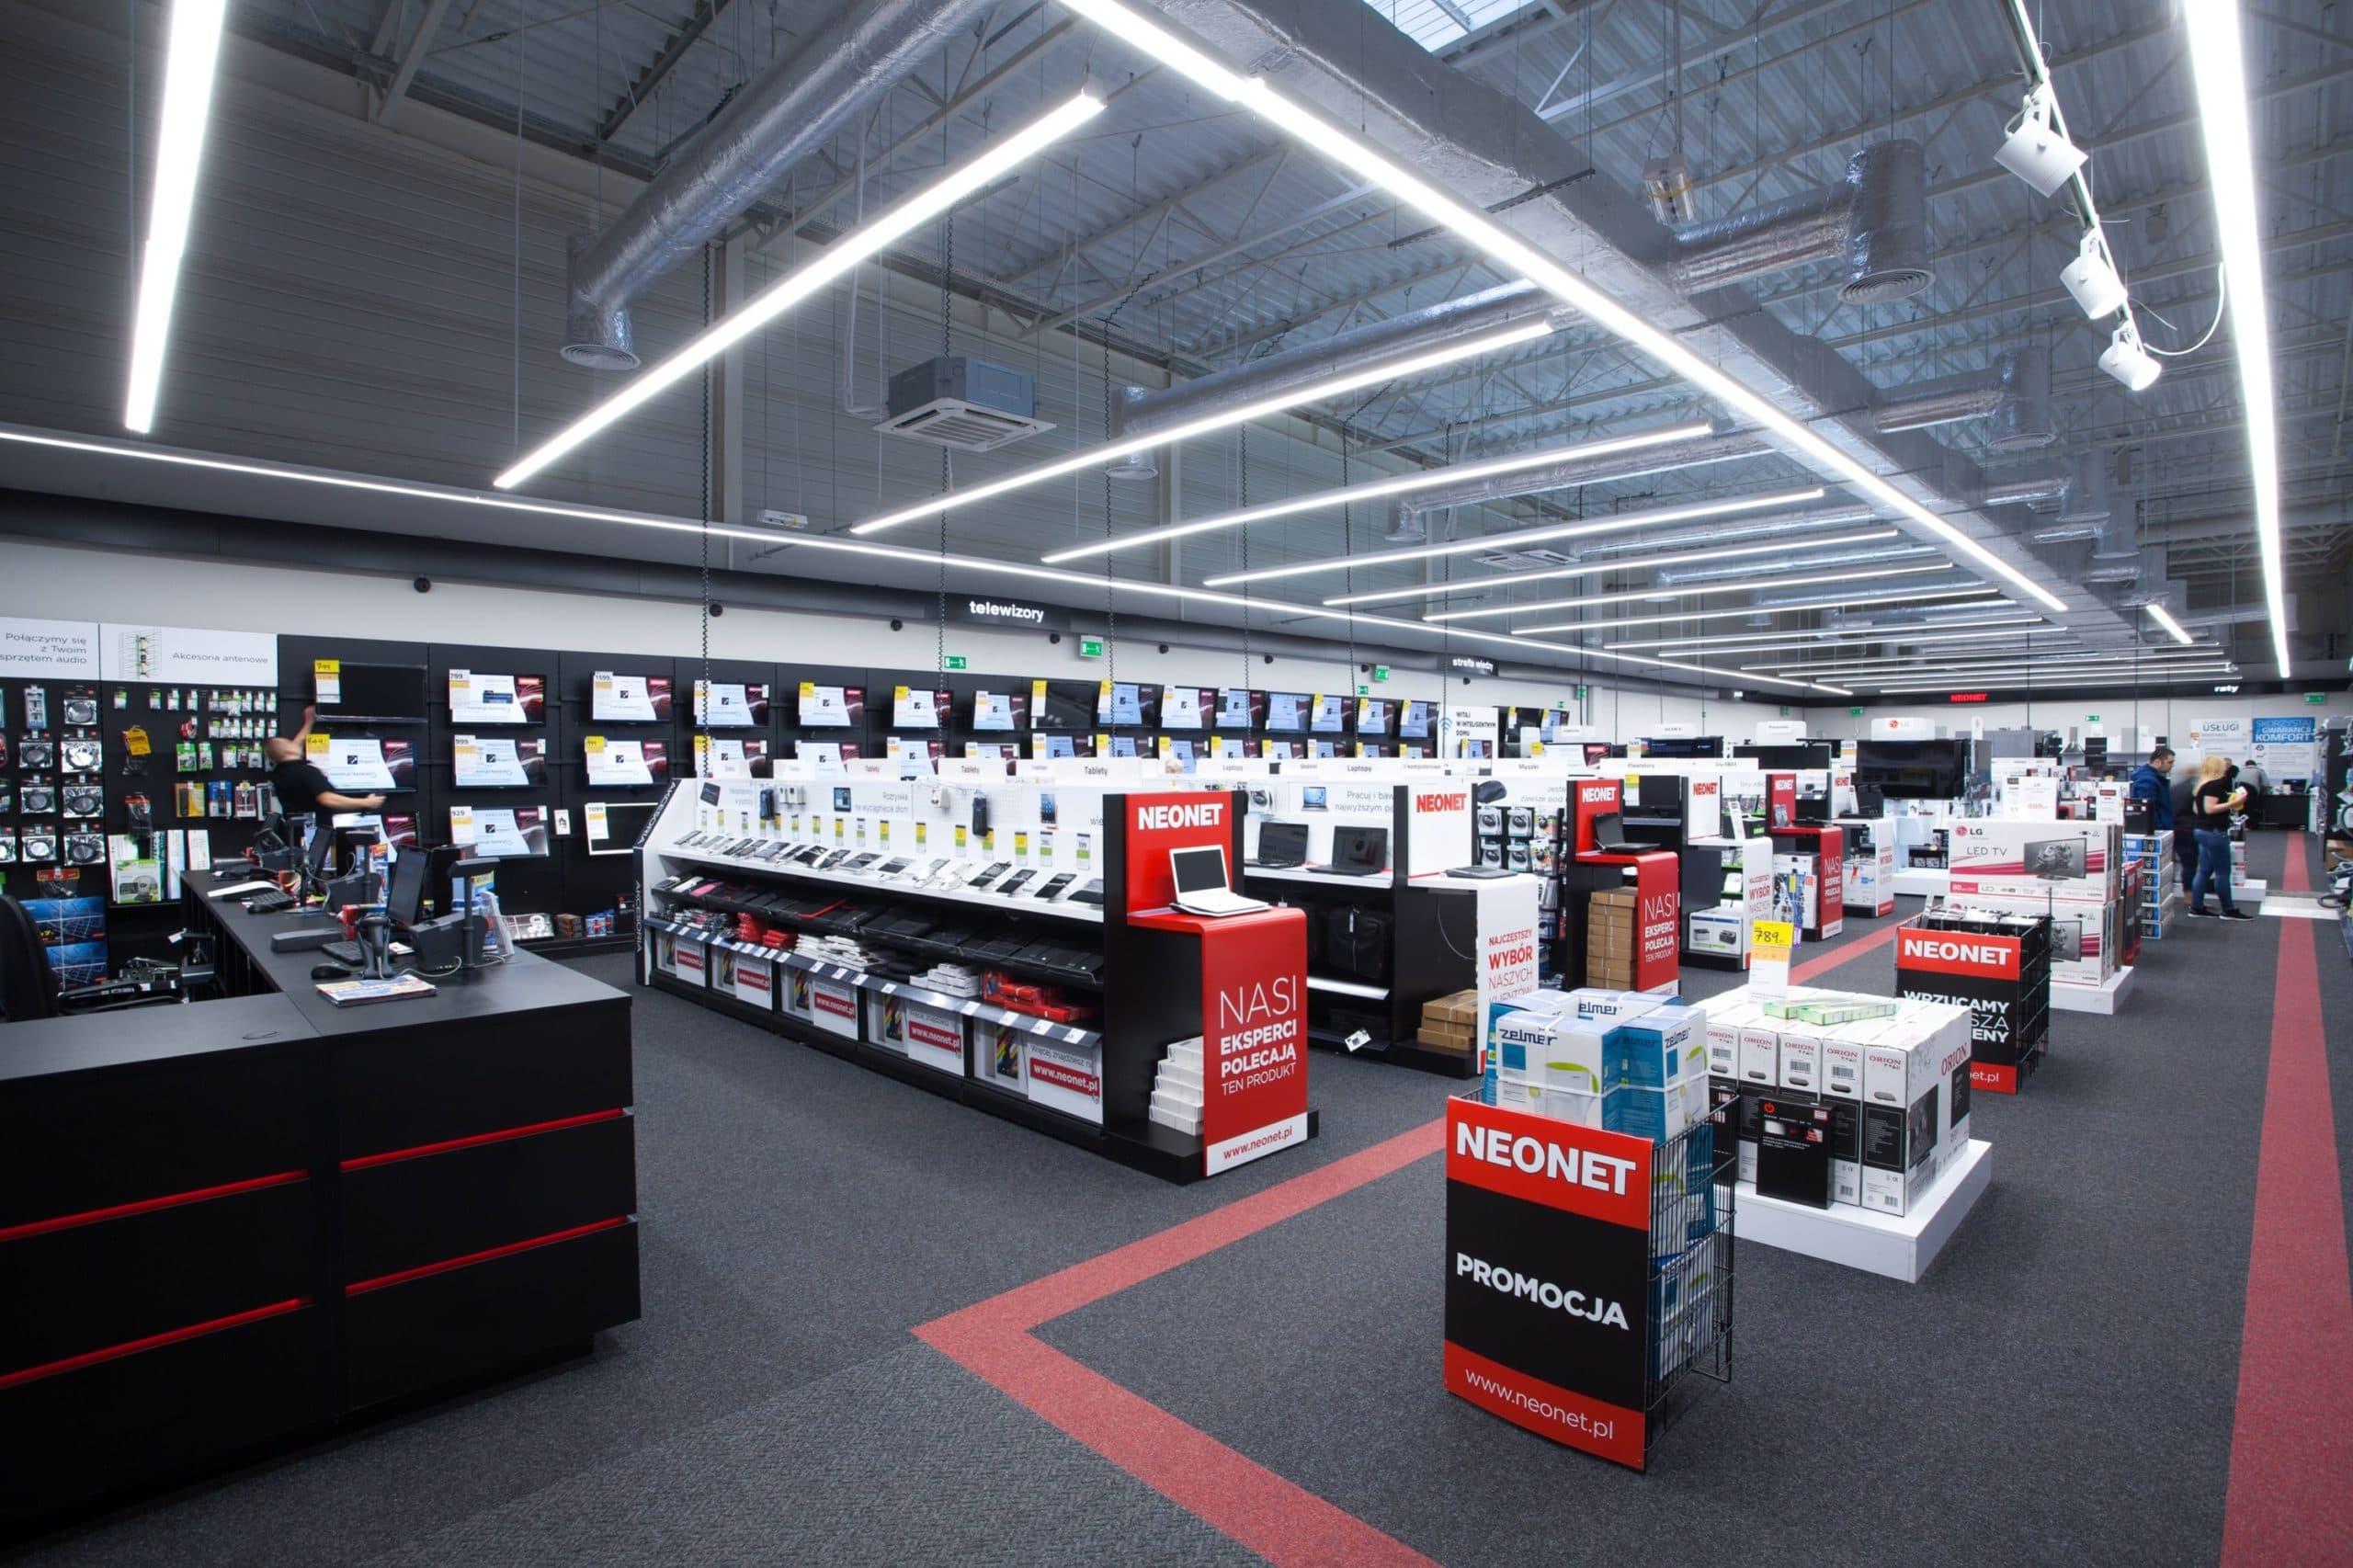 Zmodernizowany sklep Neonet - oświetlenie handlowe Lumiline firmy Luxon LED